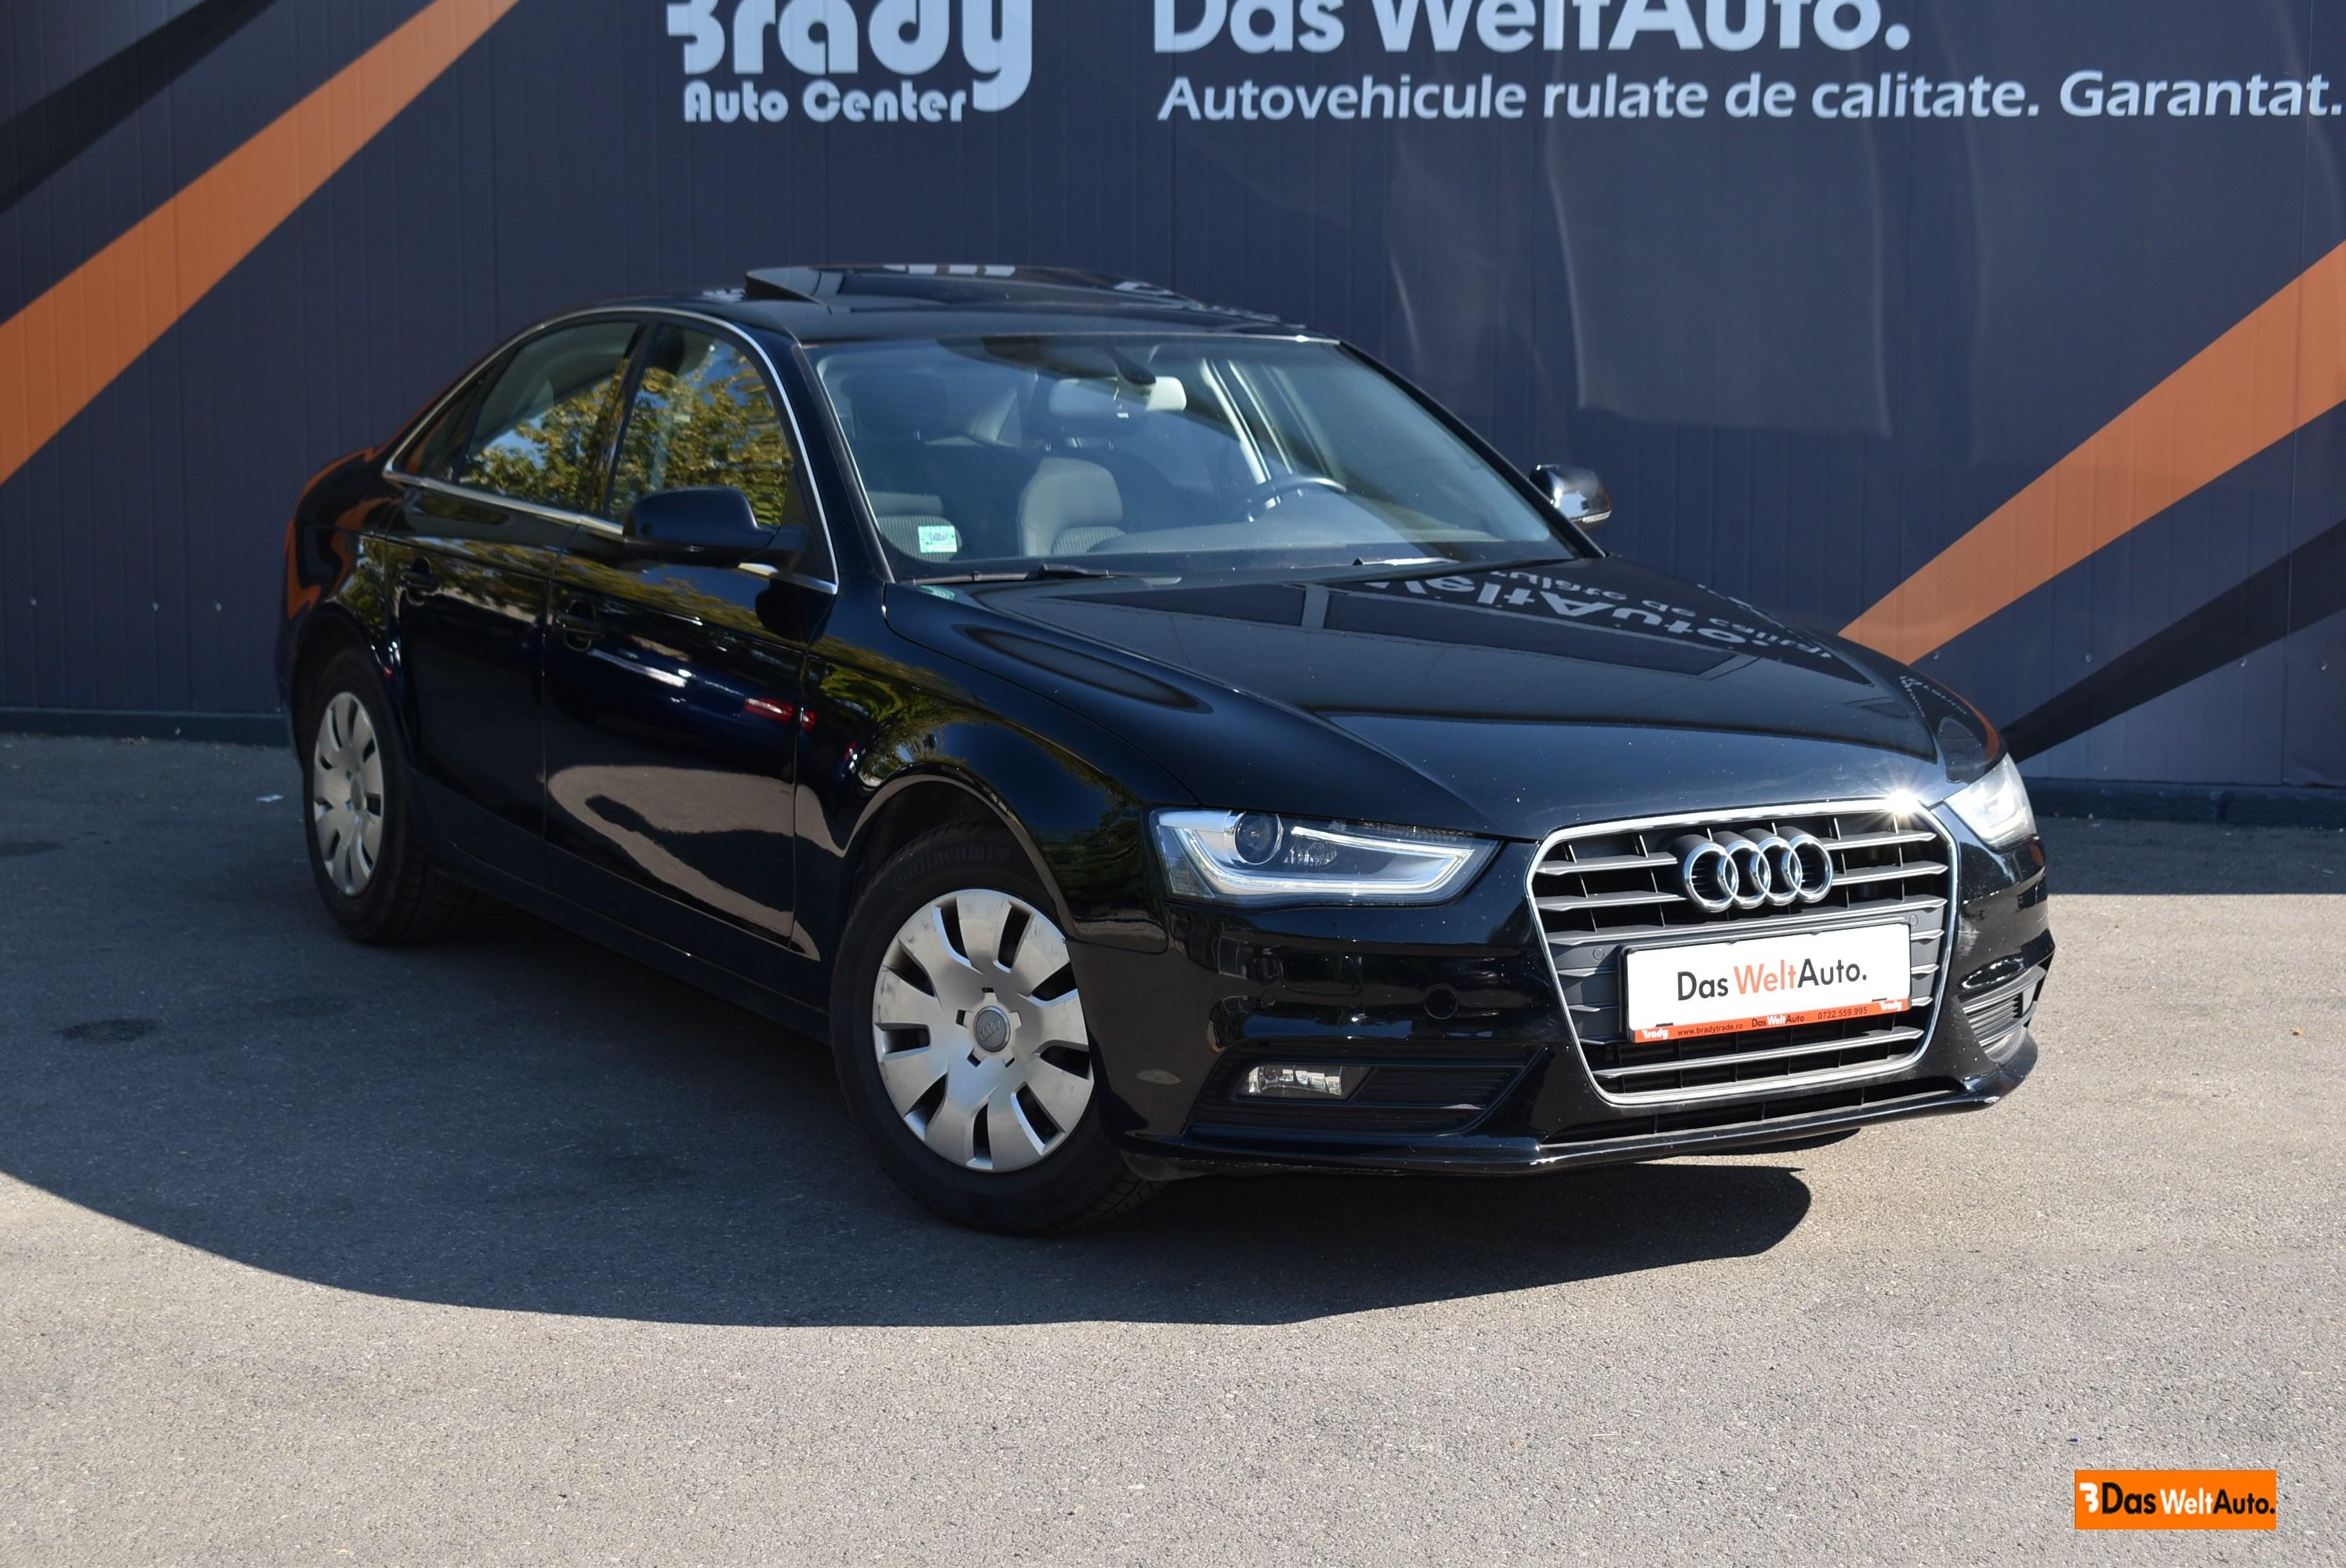 Audi A4 2.0TDI/143CP